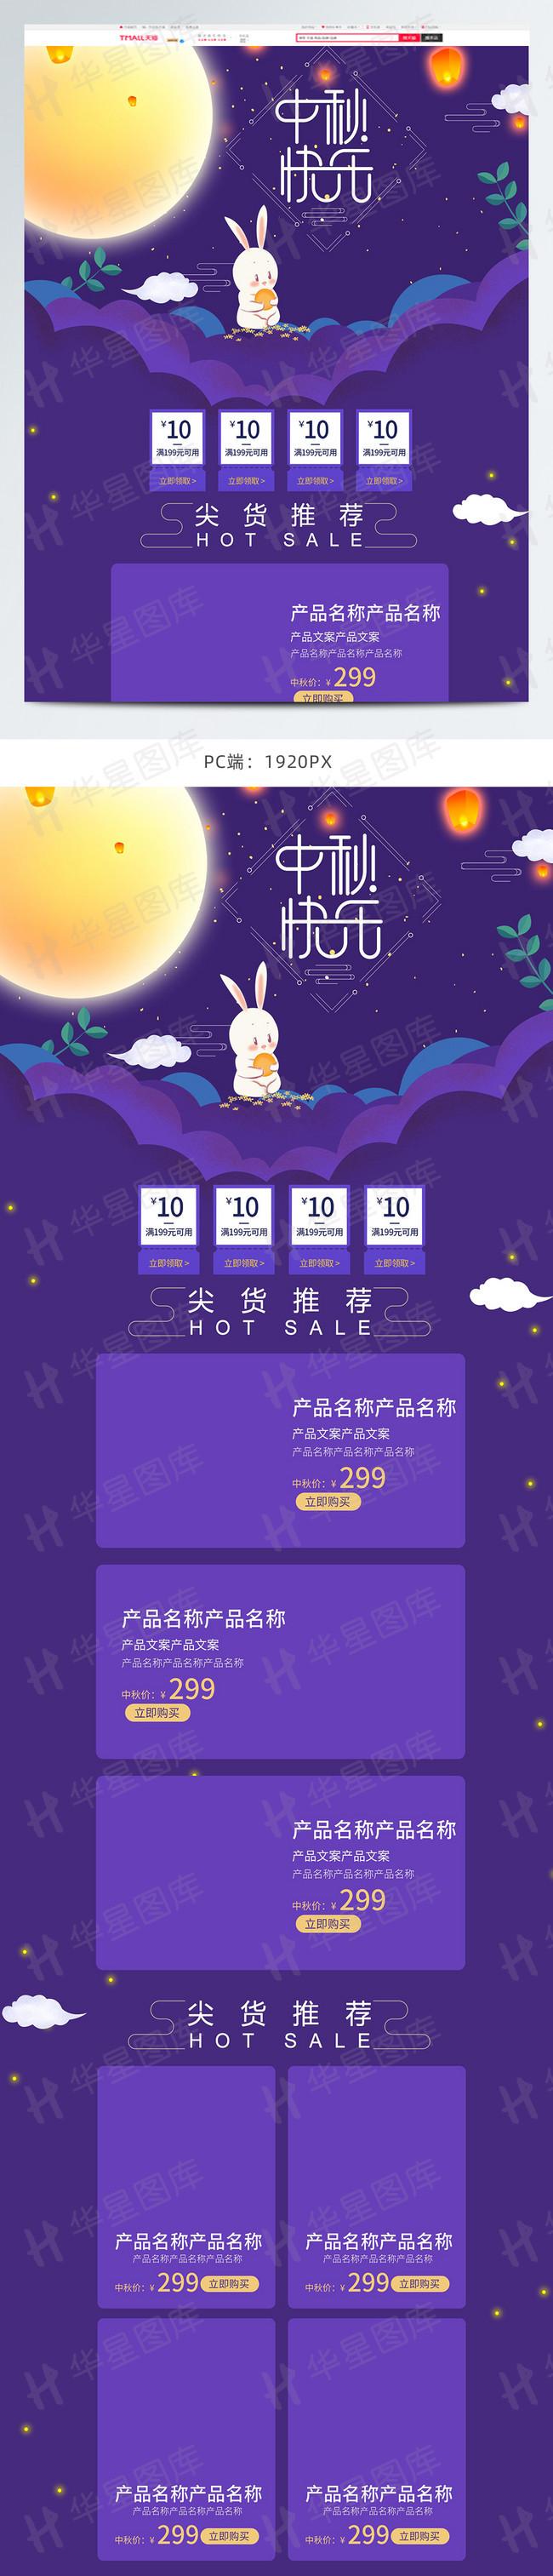 中秋节团圆季电商中国节食品茶饮月饼赏月促销首页PC端1920 px